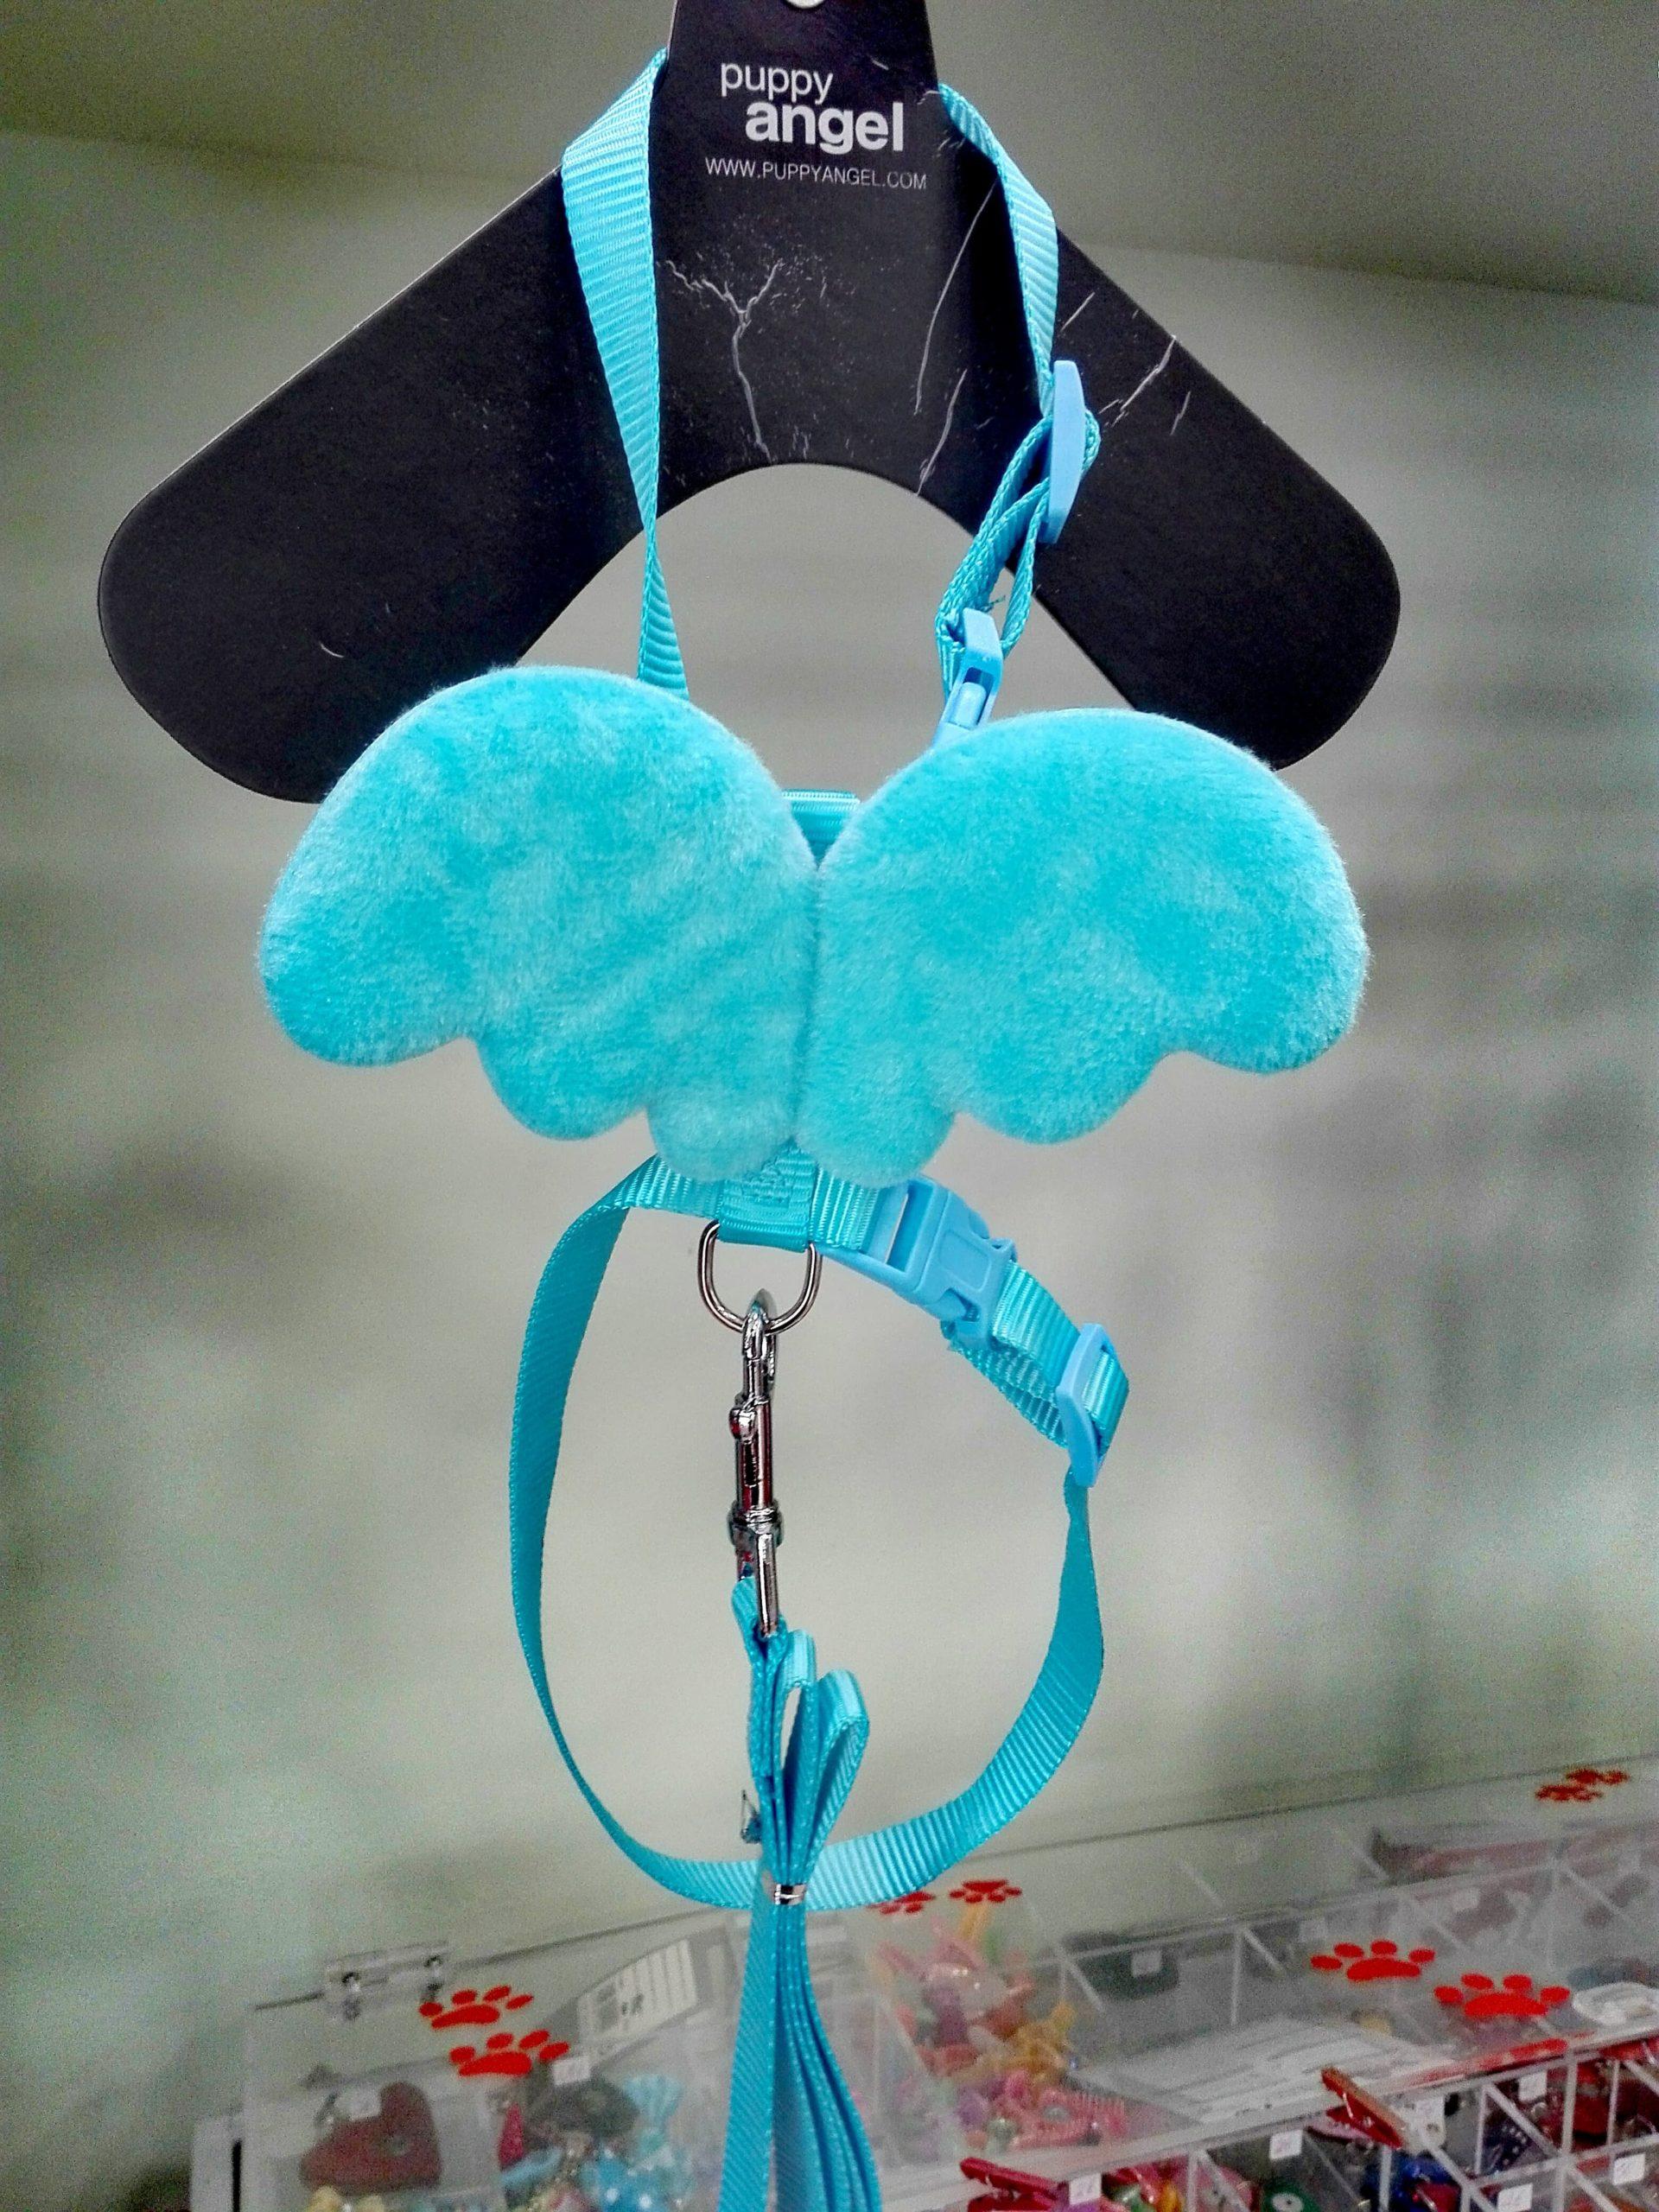 Γαλάζιο Σαμαράκι με φτερά